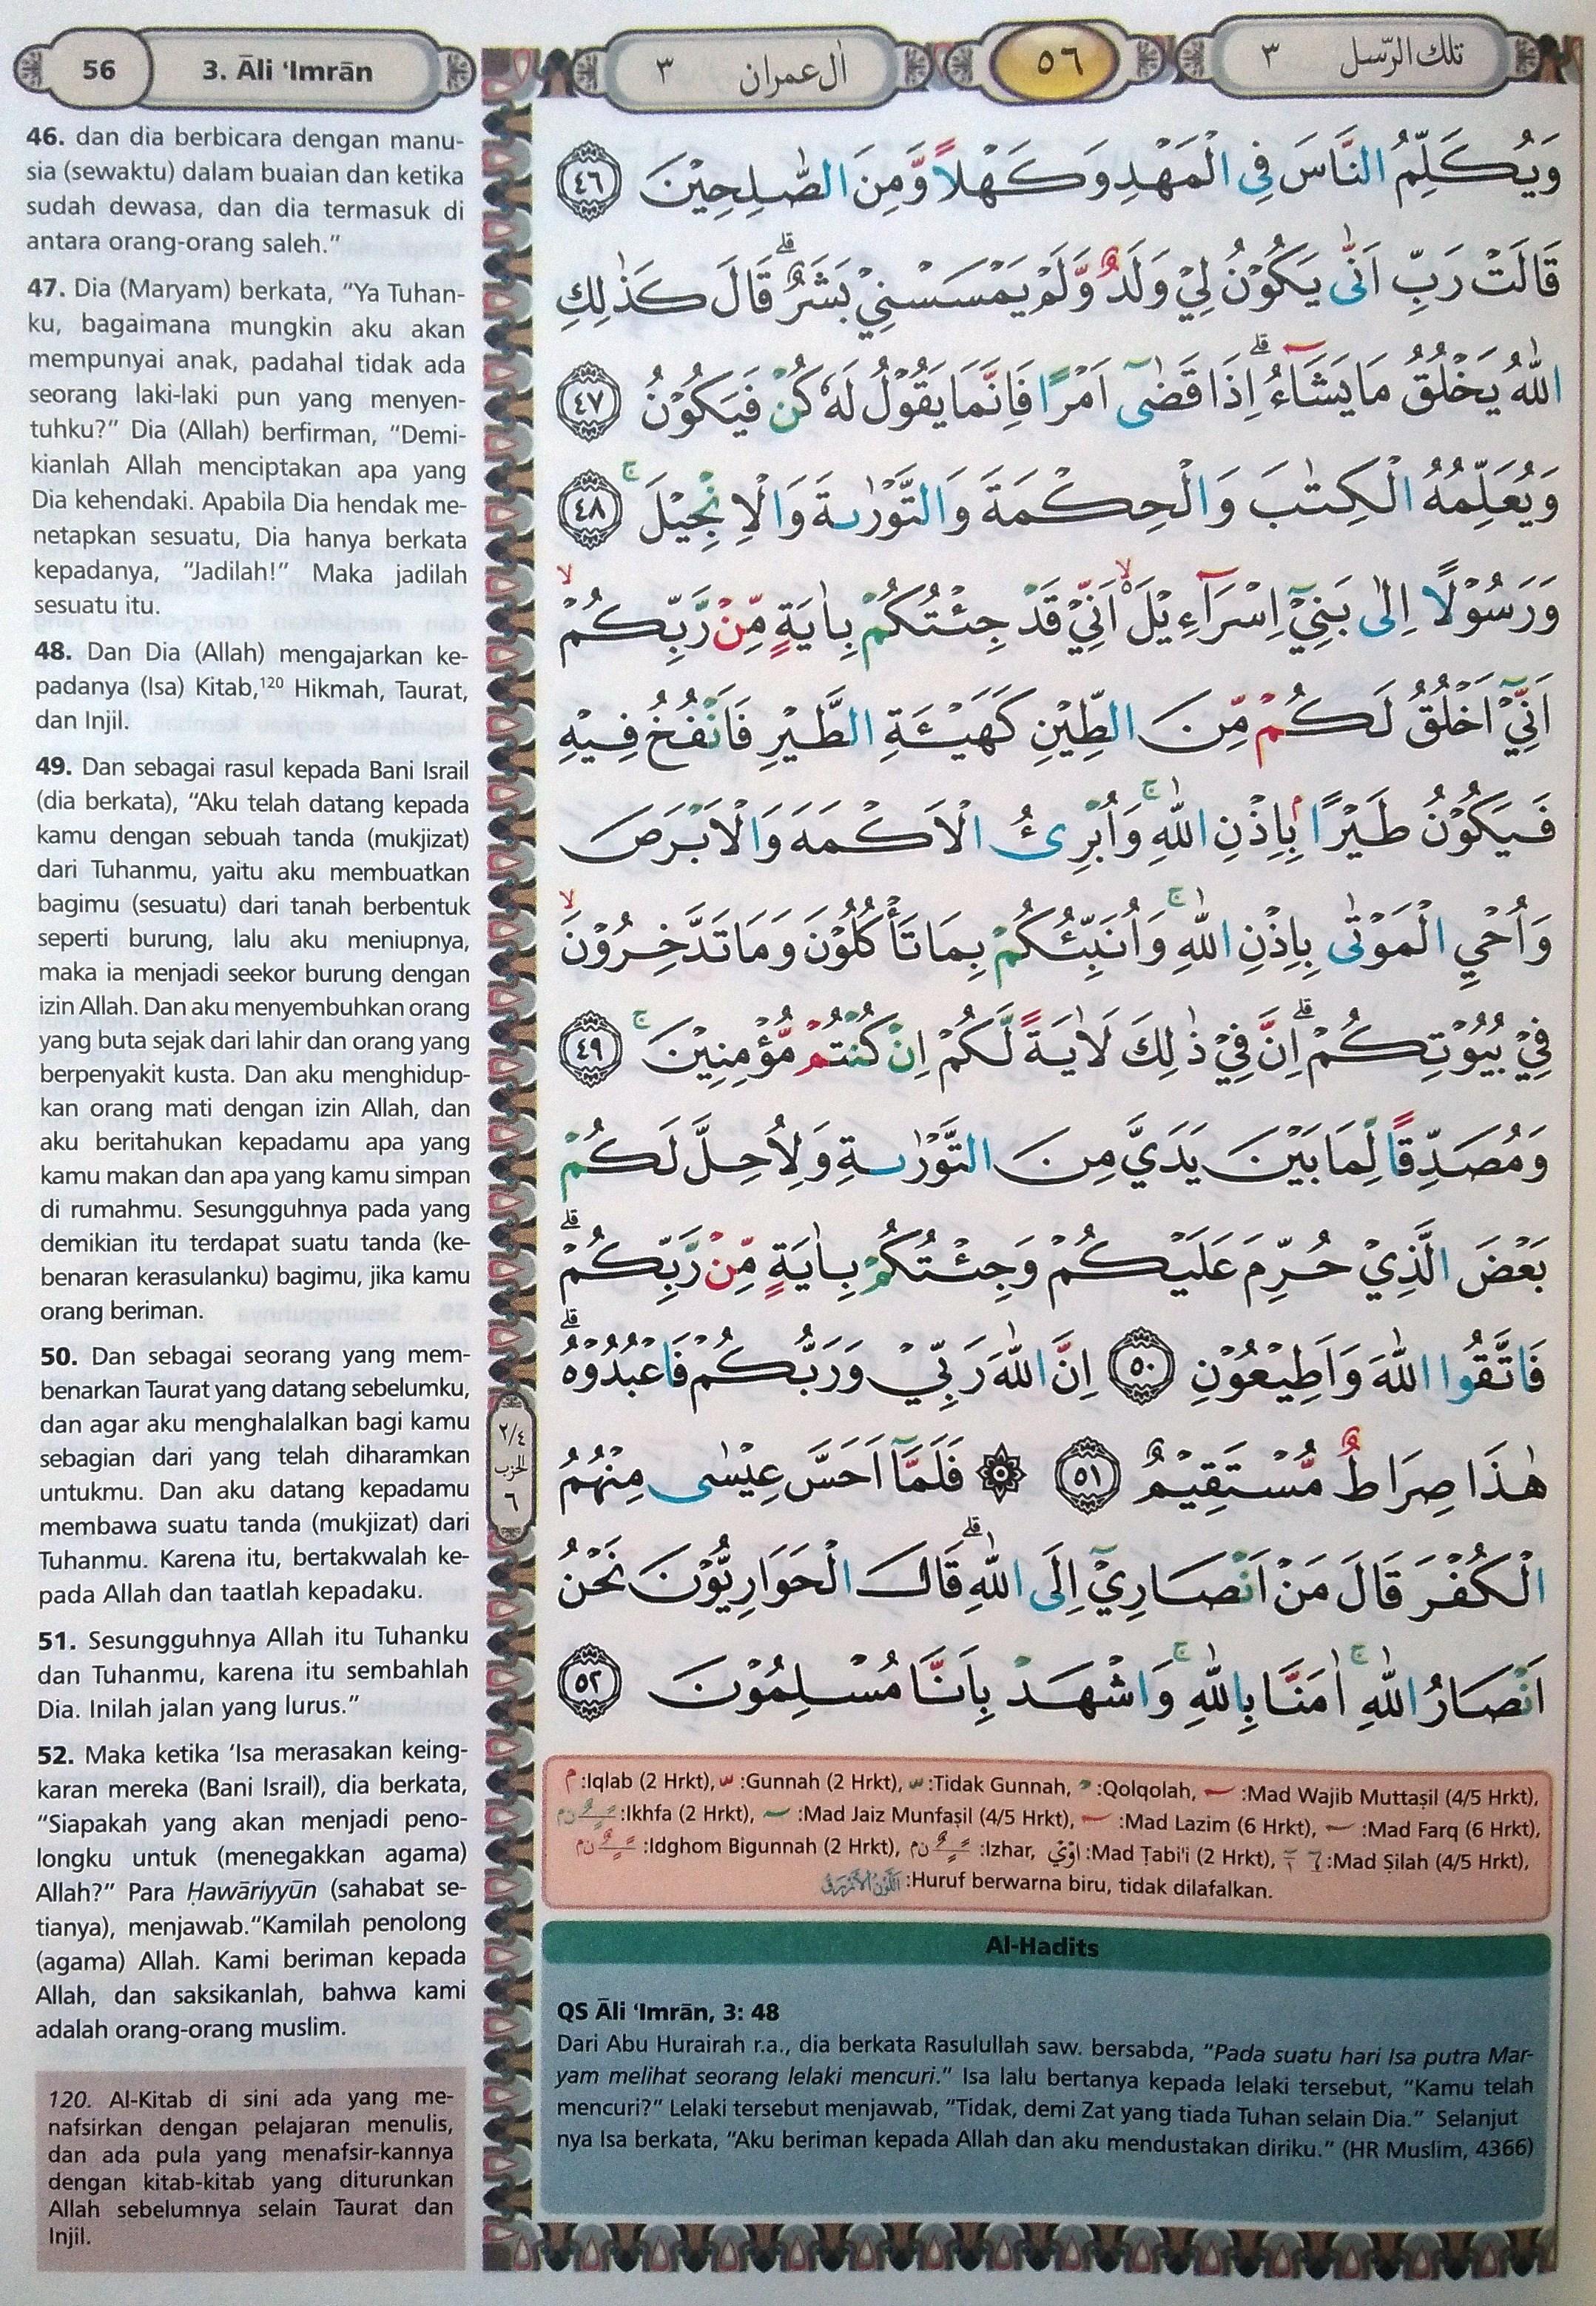 Ali Imran Ayat 46-52